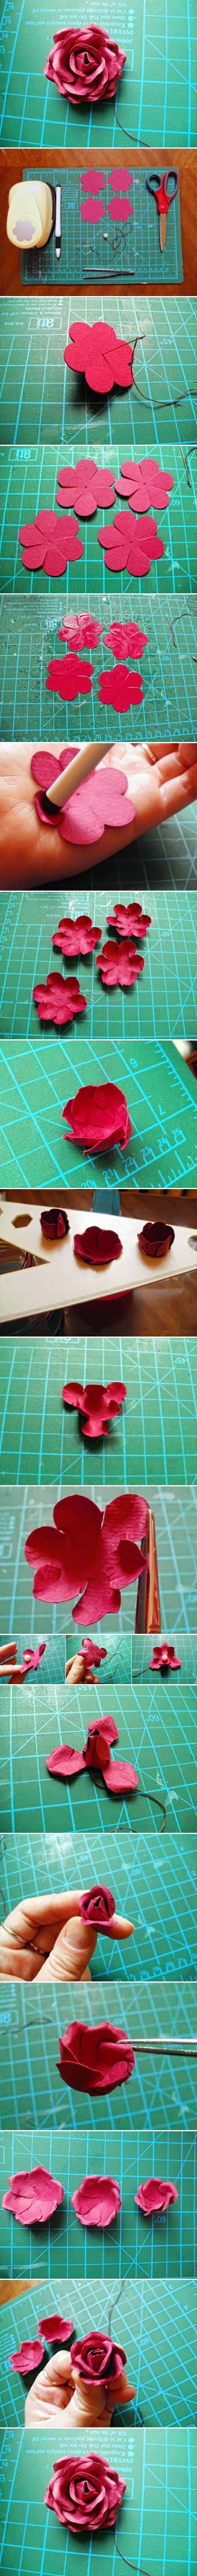 DIY Pink Paper Rose http://www.fabdiy.com/diy-pink-paper-rose/